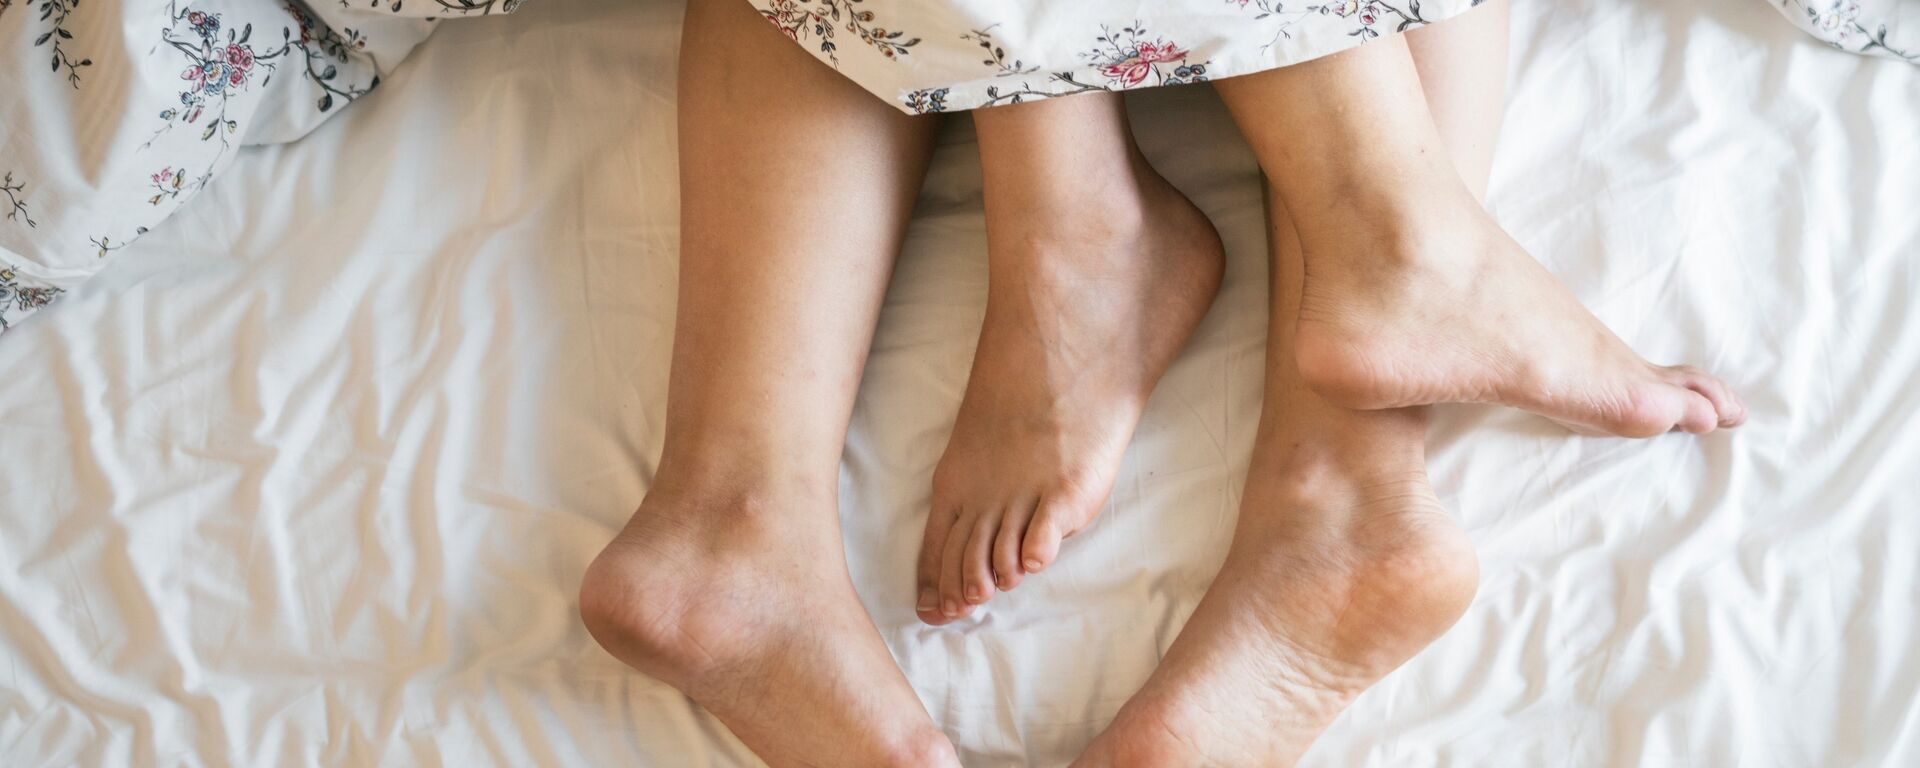 Los pies de unos amantes (imagen referencial) - Sputnik Mundo, 1920, 07.08.2020